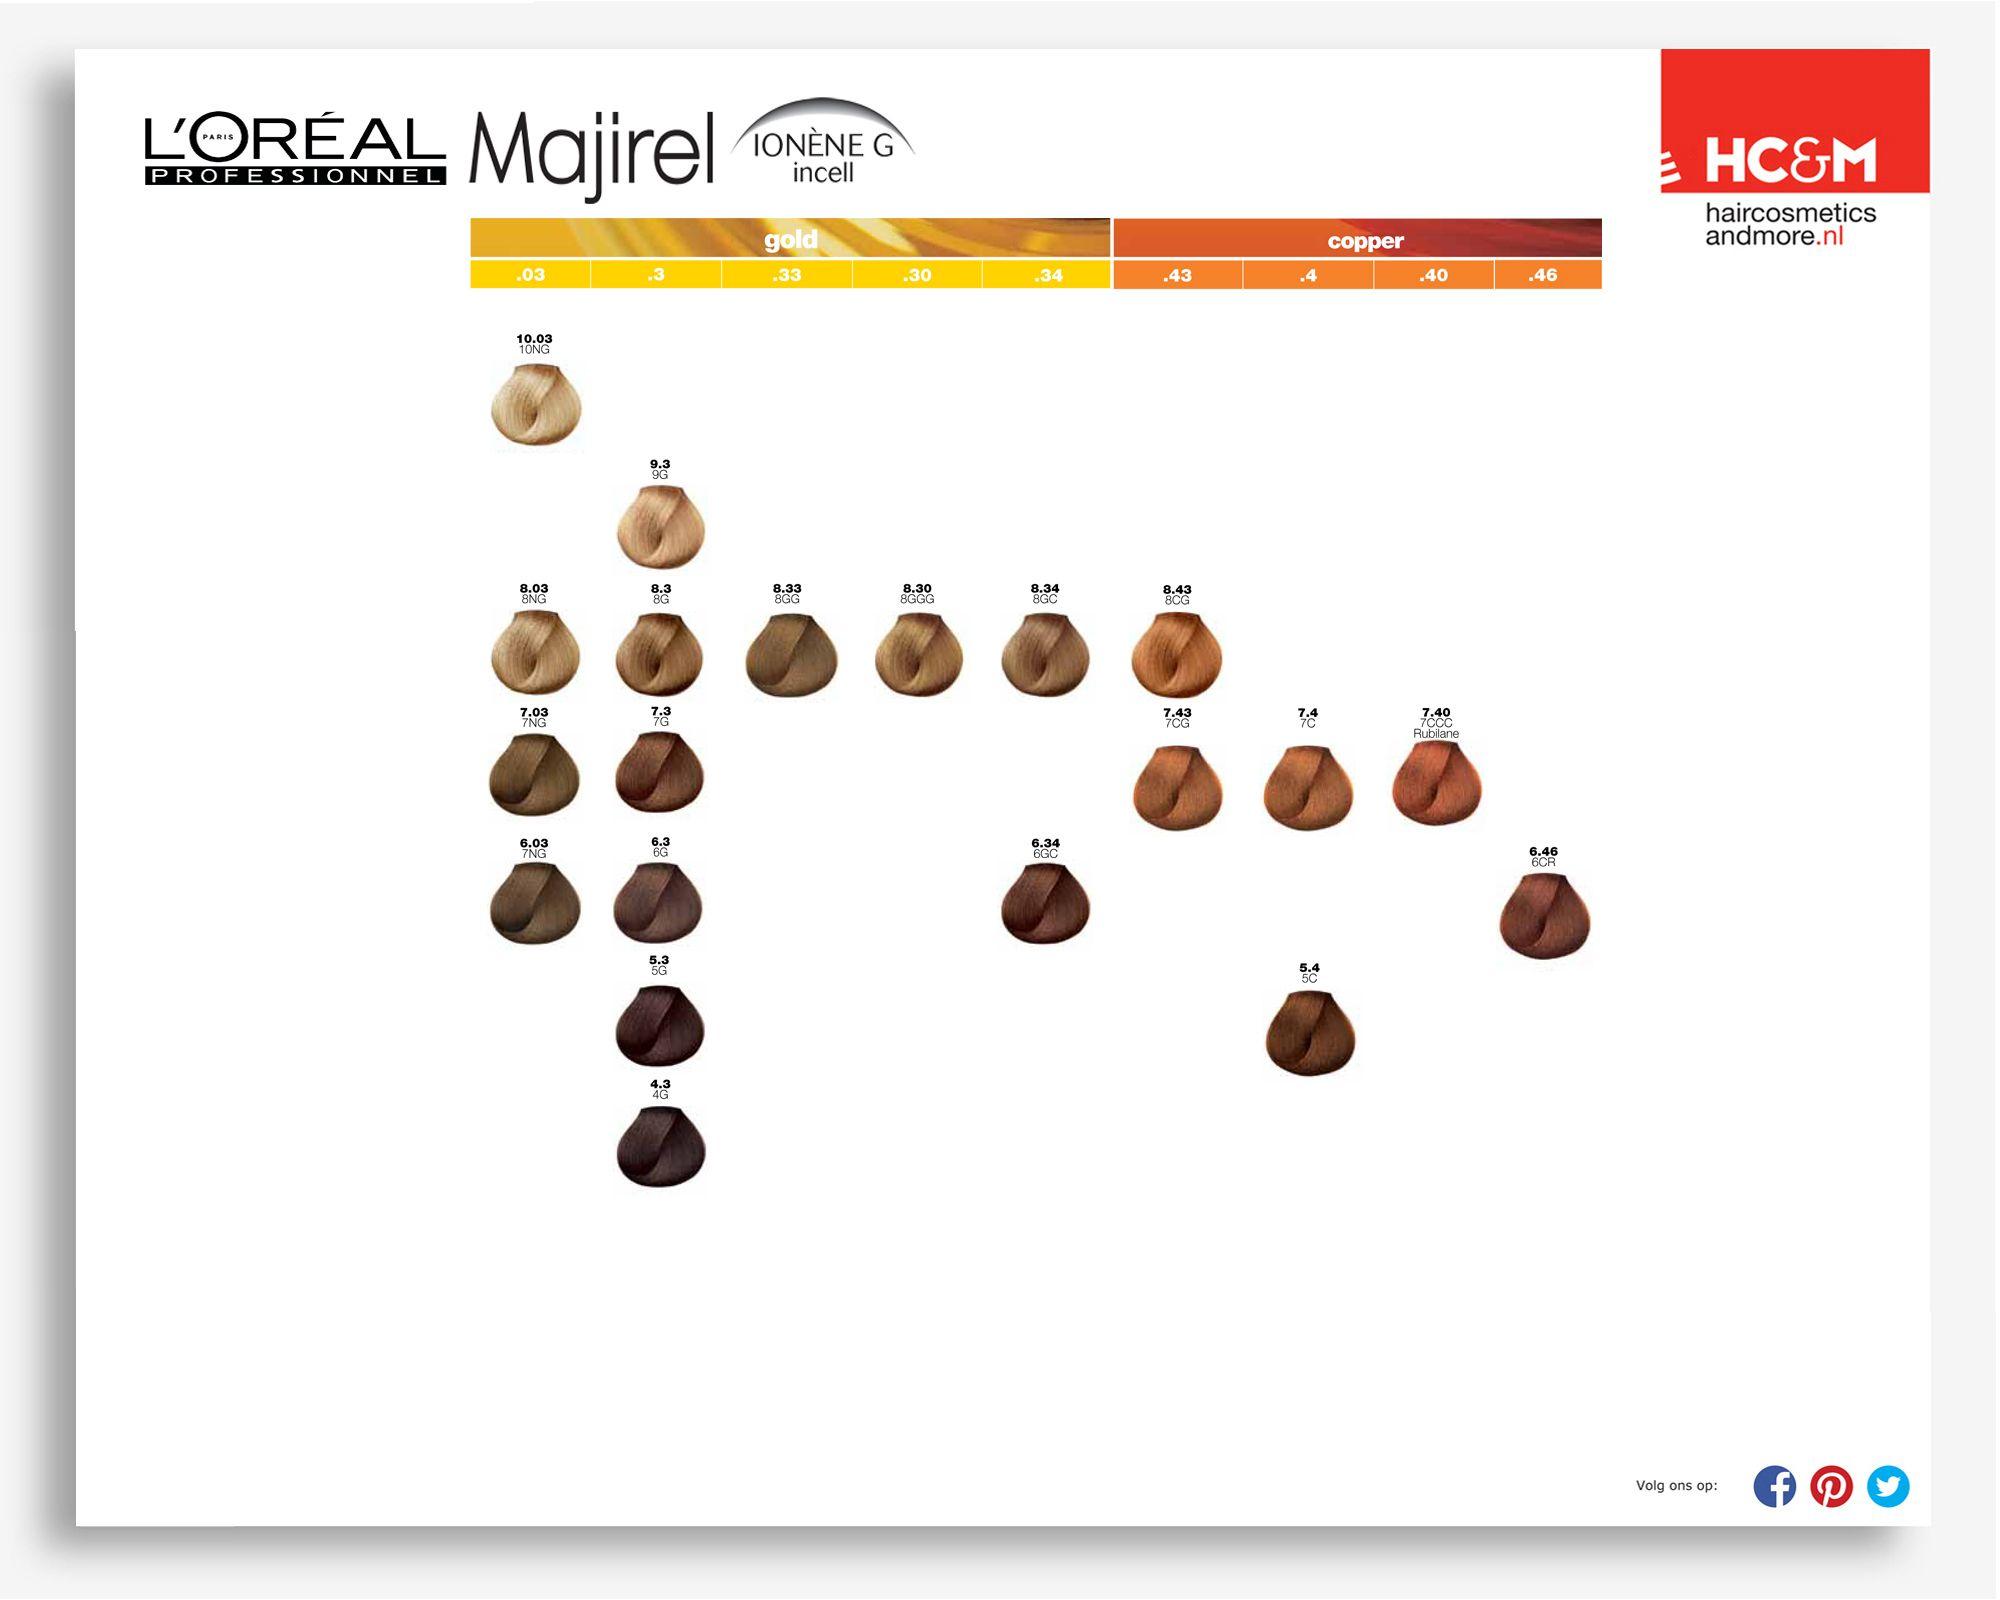 L Oreal Professionel Majirel Gold Copper Loreal Hair Color Color Chart